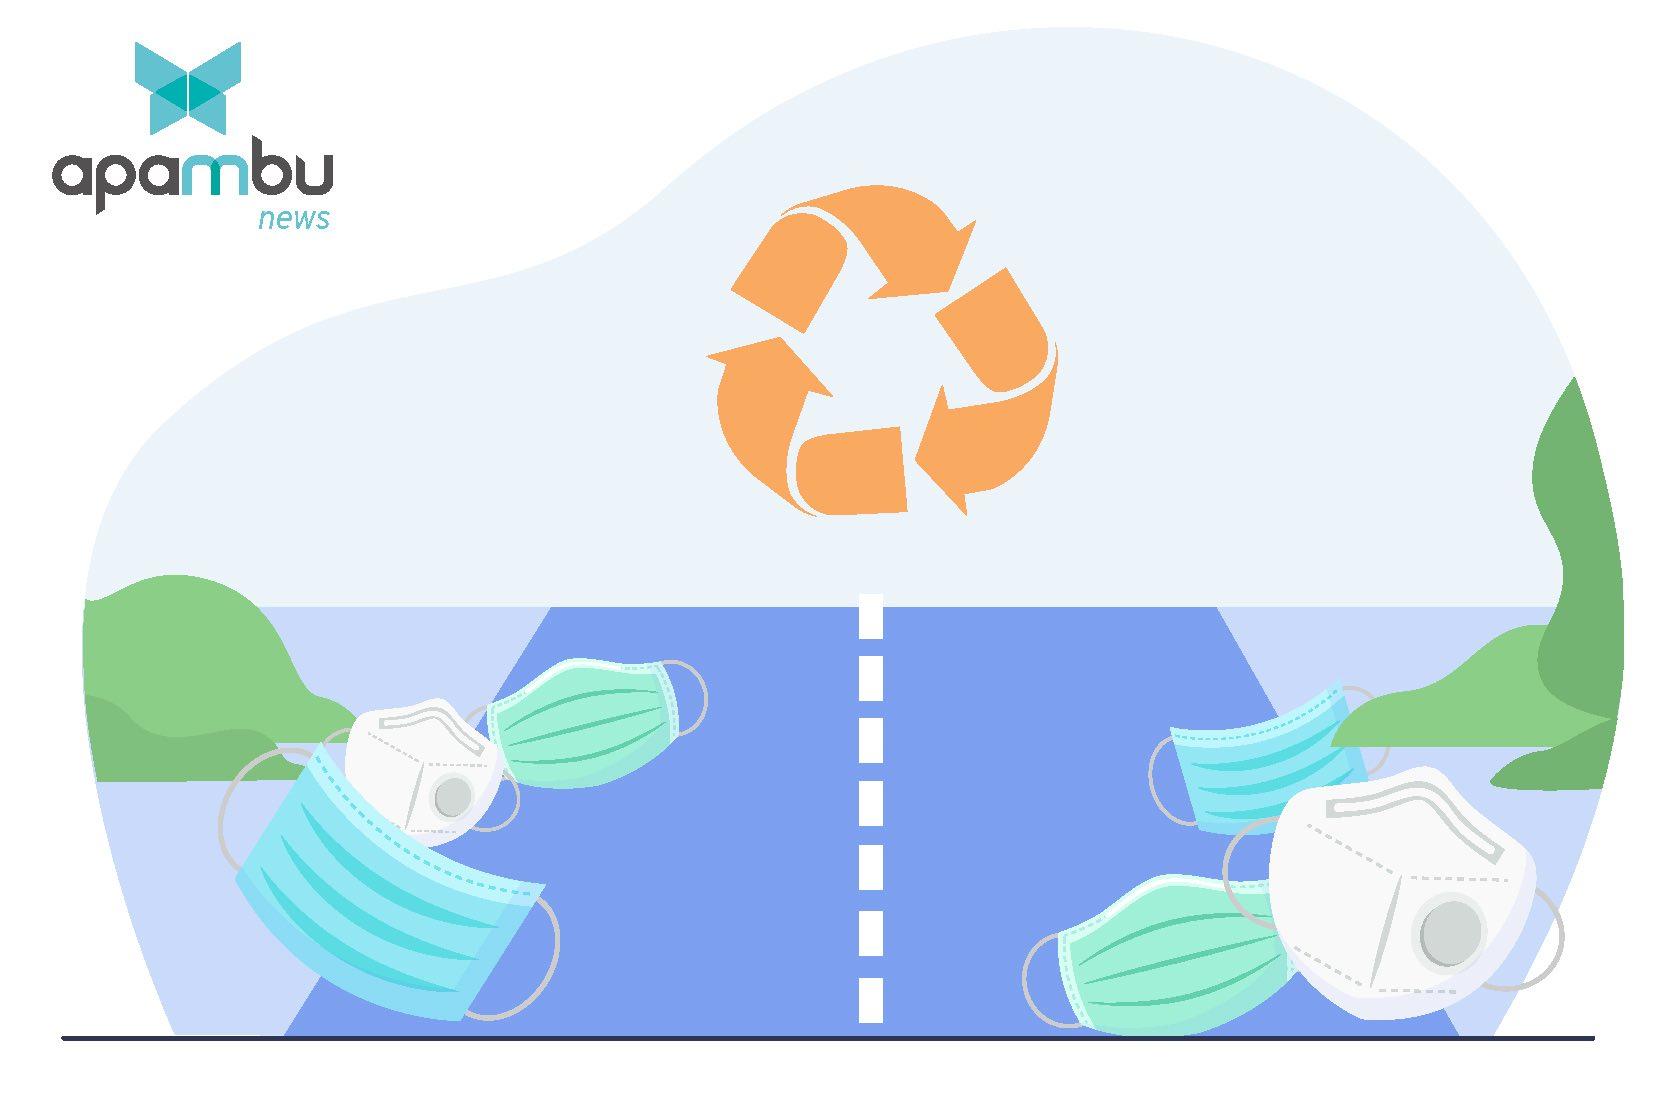 Tres millones de mascarillas recicladas para construir 1 km de carretera